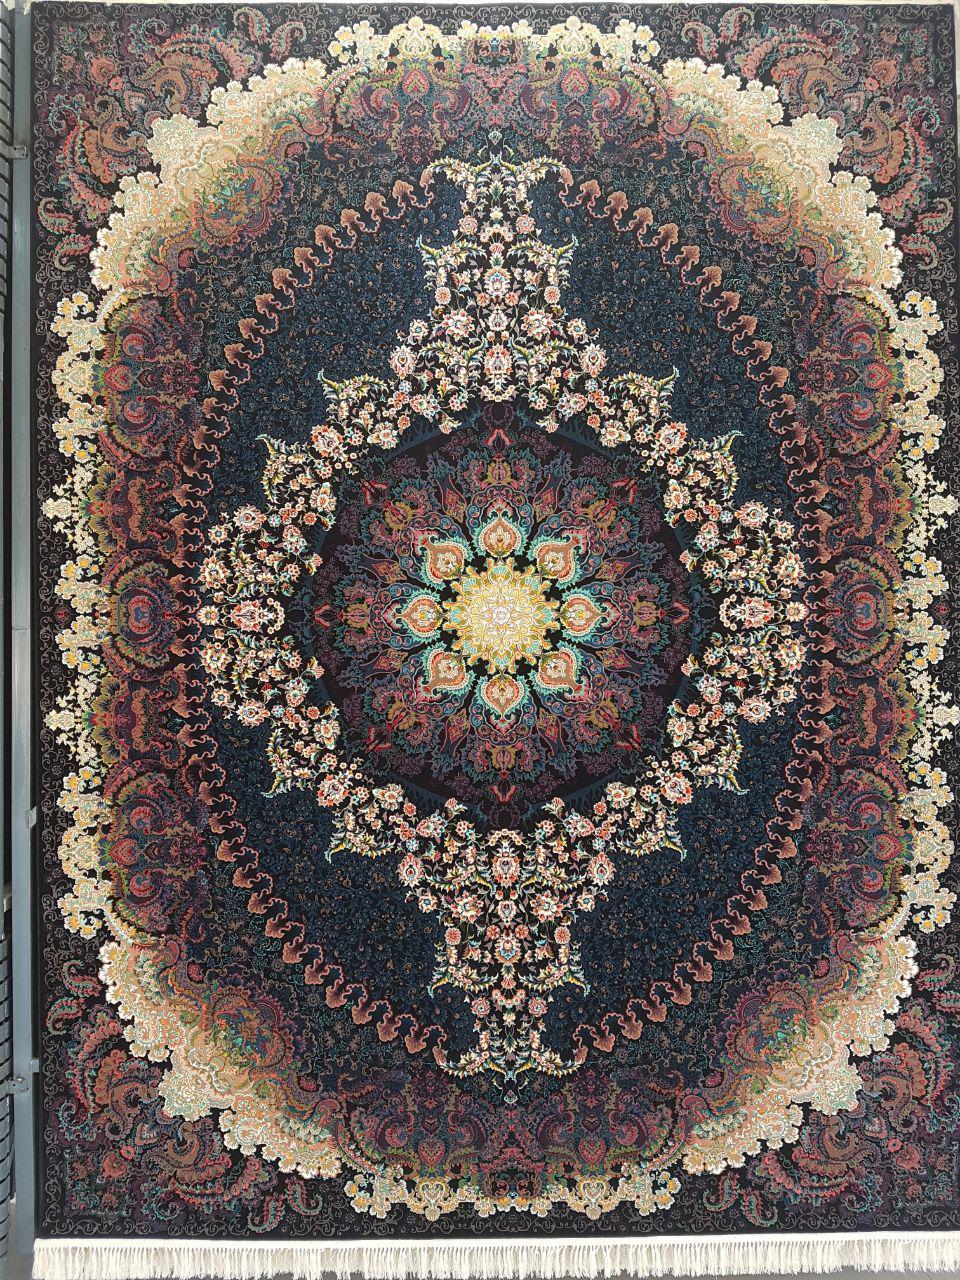 فرش کاشان نقشه آذرنوش ۷۰۰ شانه تراکم ۲۵۵۰